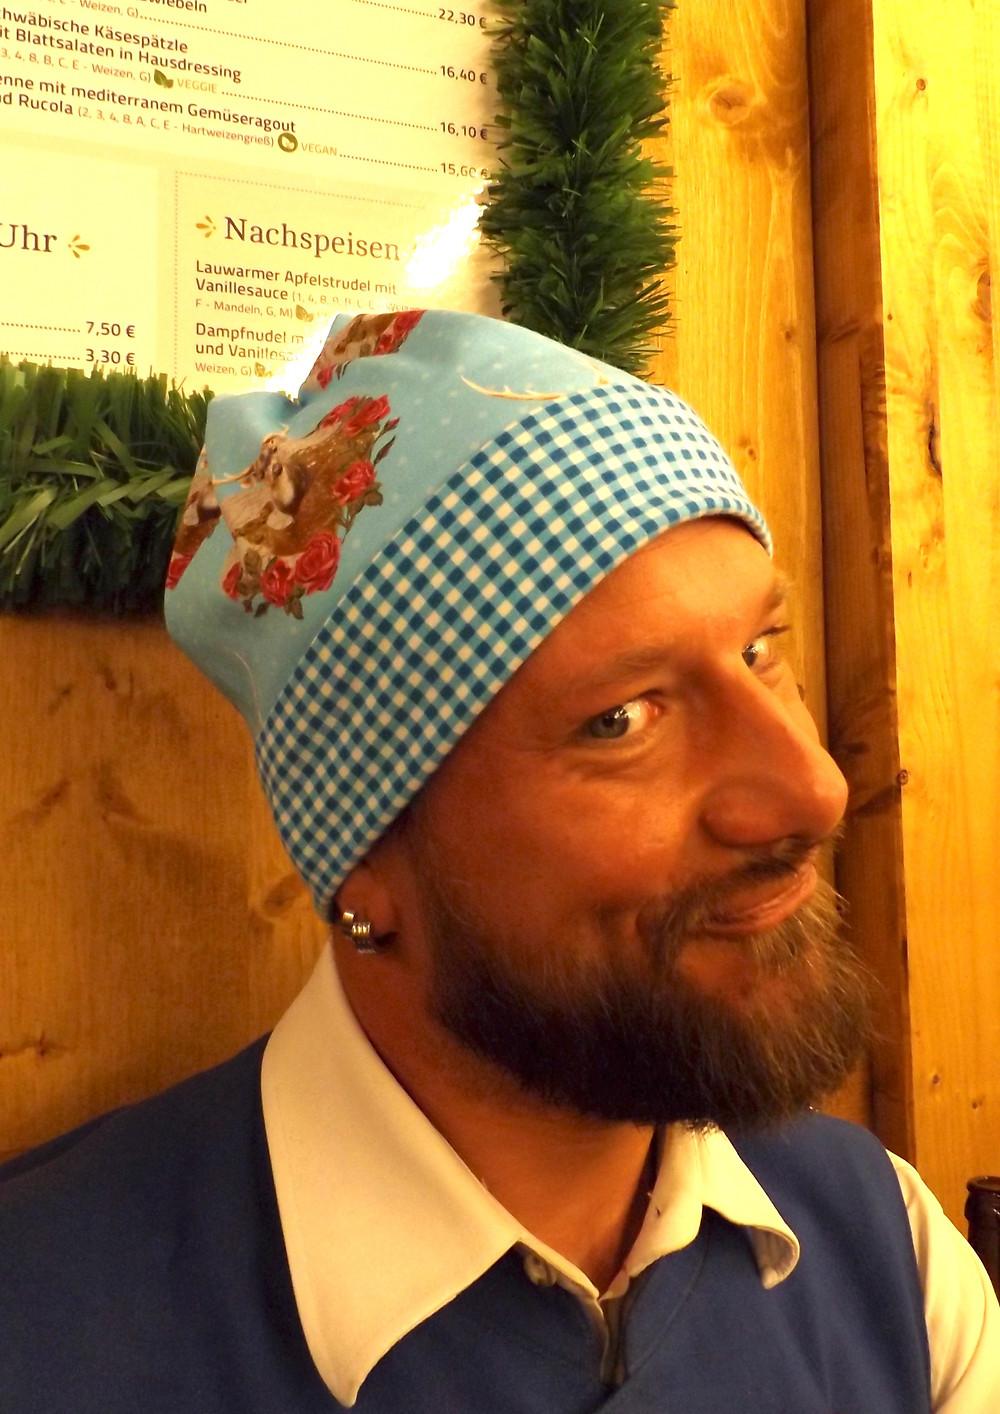 Wiesn, die Erste. Tom mit Mütze. Sixx-Zagg-Mützen von prettybanana.com. Deine individuelle Mütze aus München.